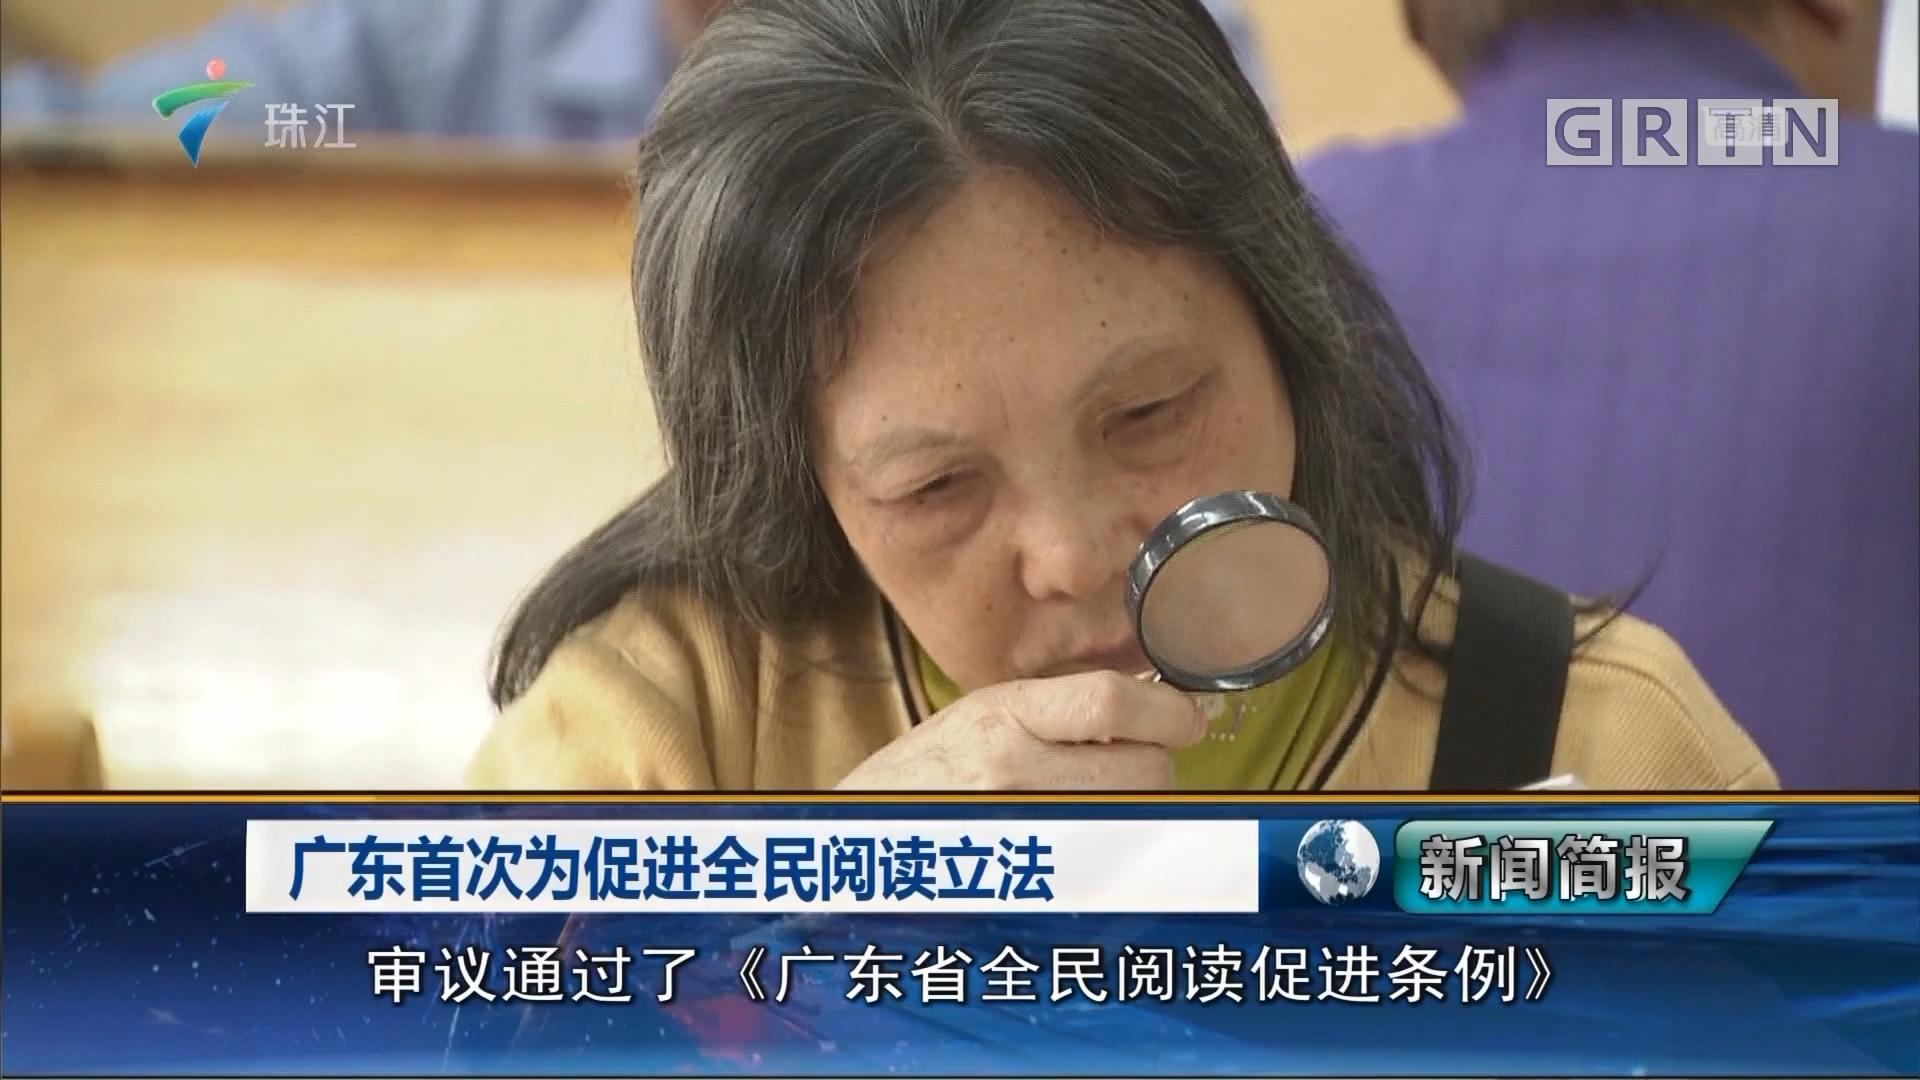 广东首次为促进全民阅读立法